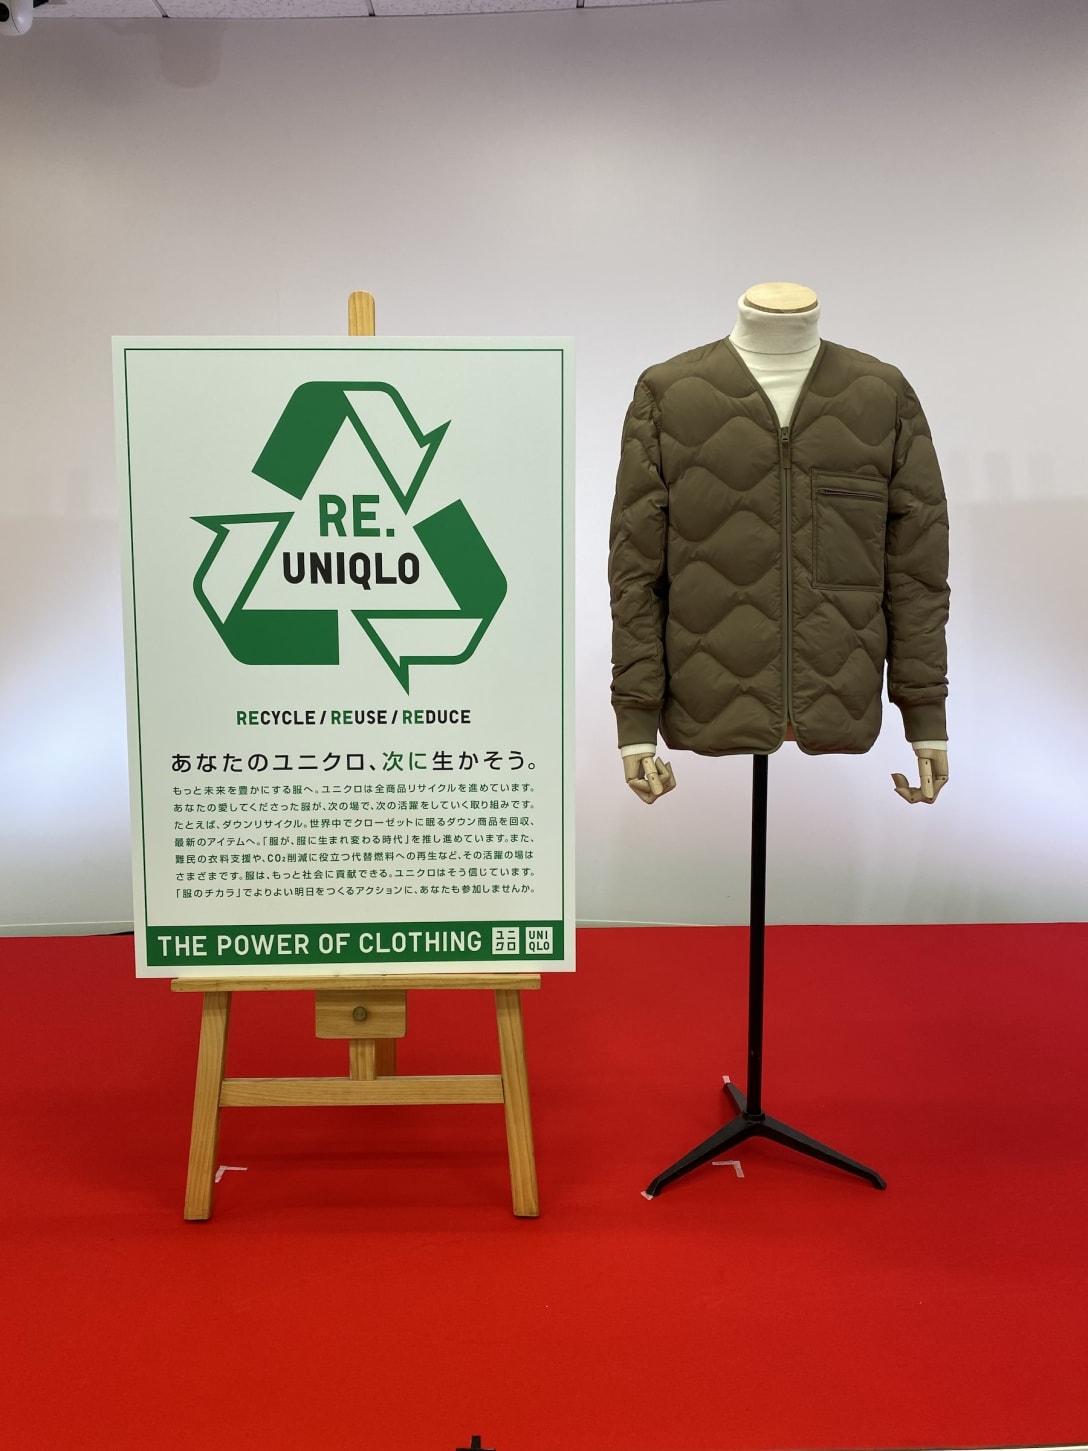 リサイクル ダウンジャケット(税別7990円)  Image by FASHIONSNAP.COM